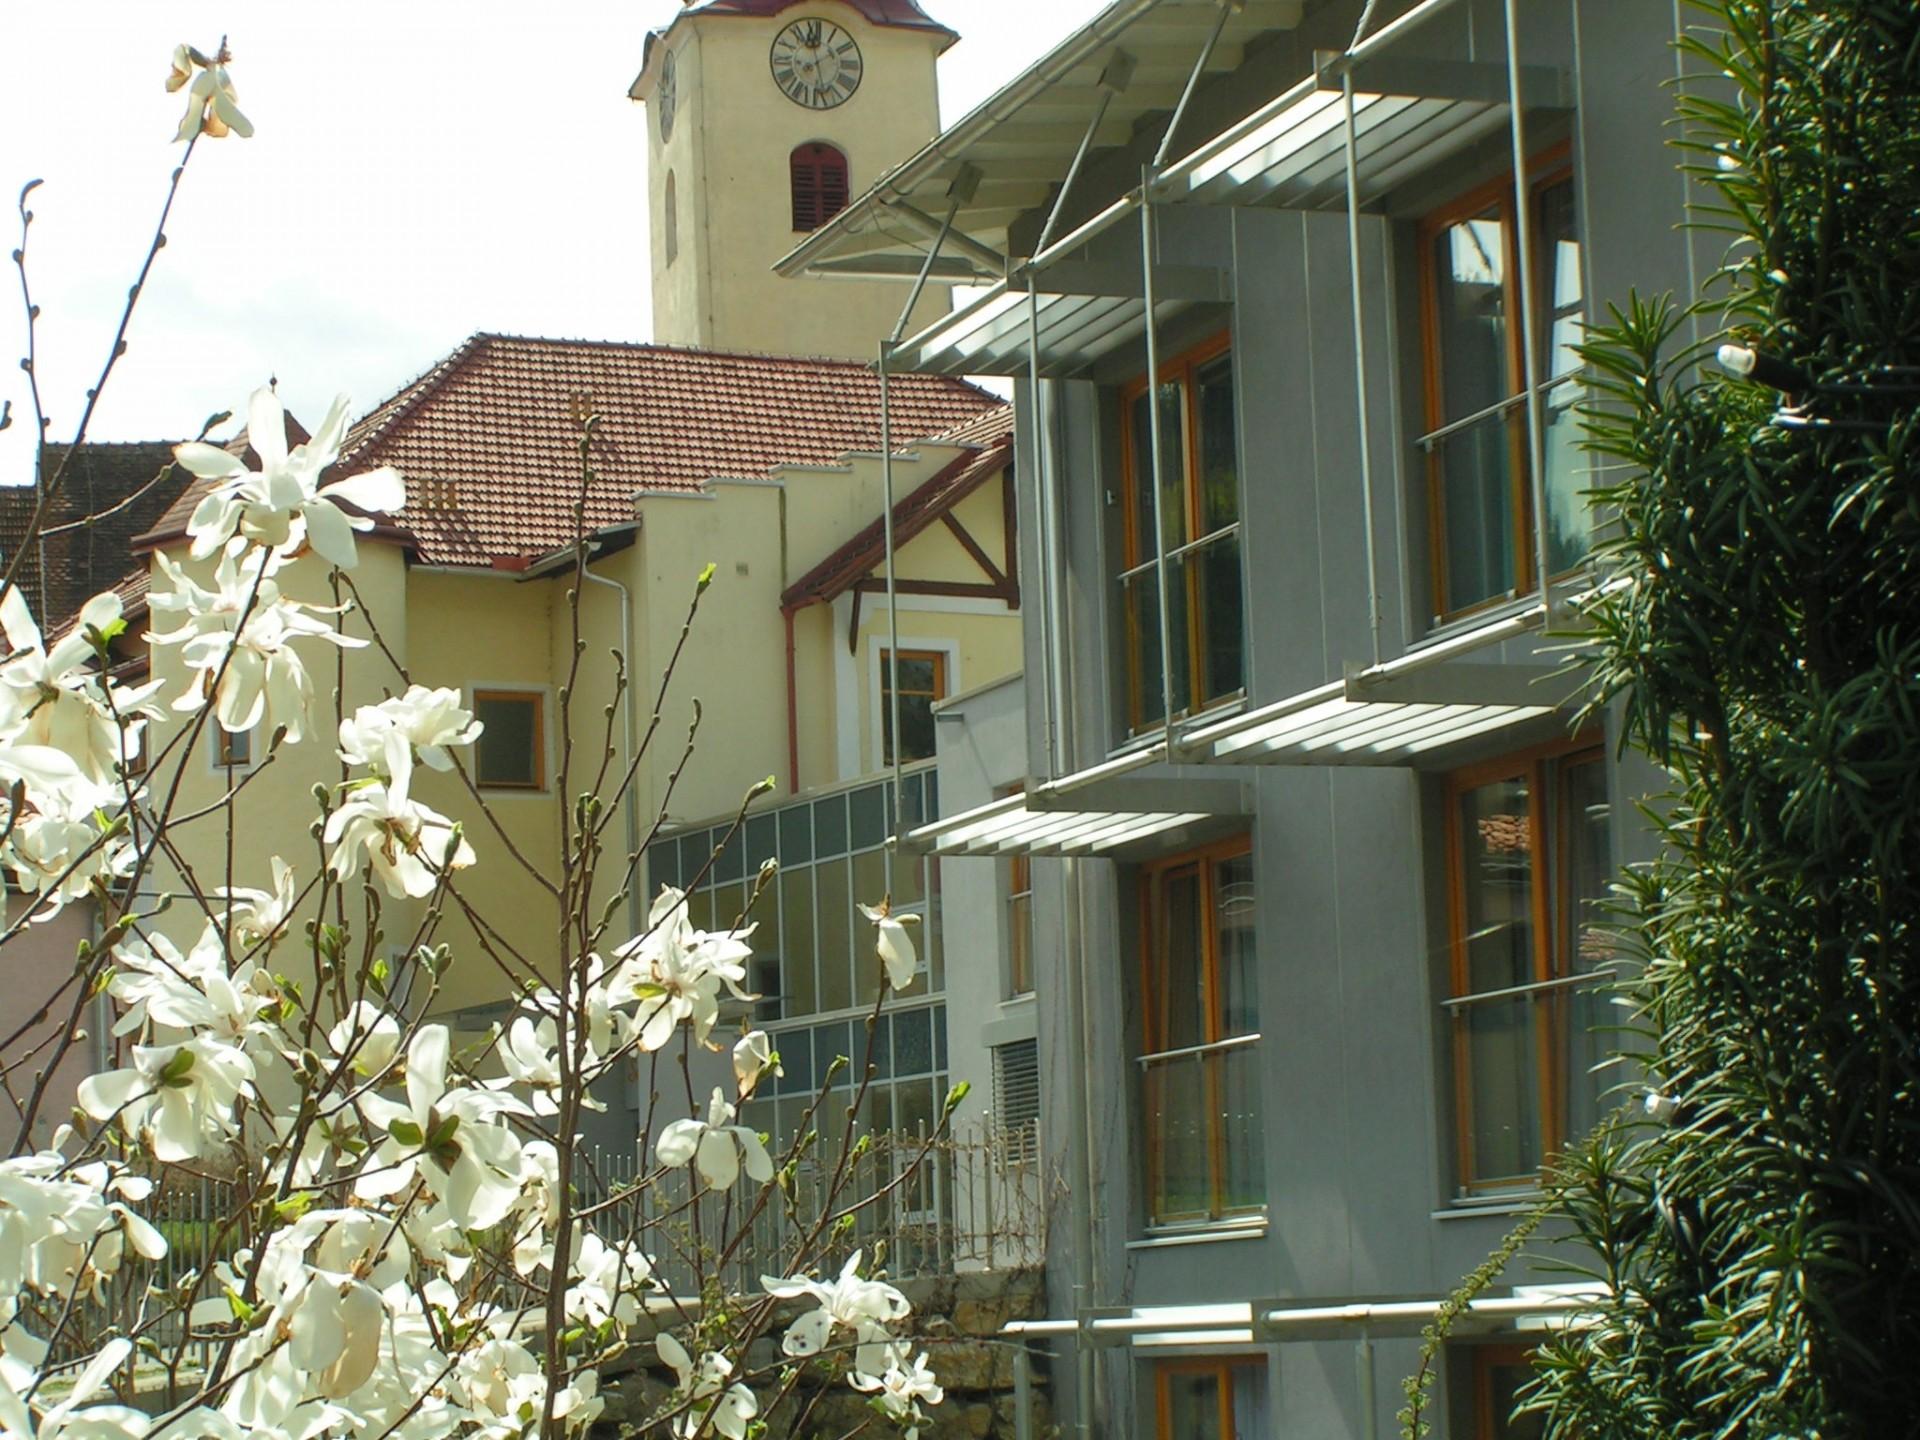 Seniorenwohn- und Pflegeheim Schloss Neuteufenbach